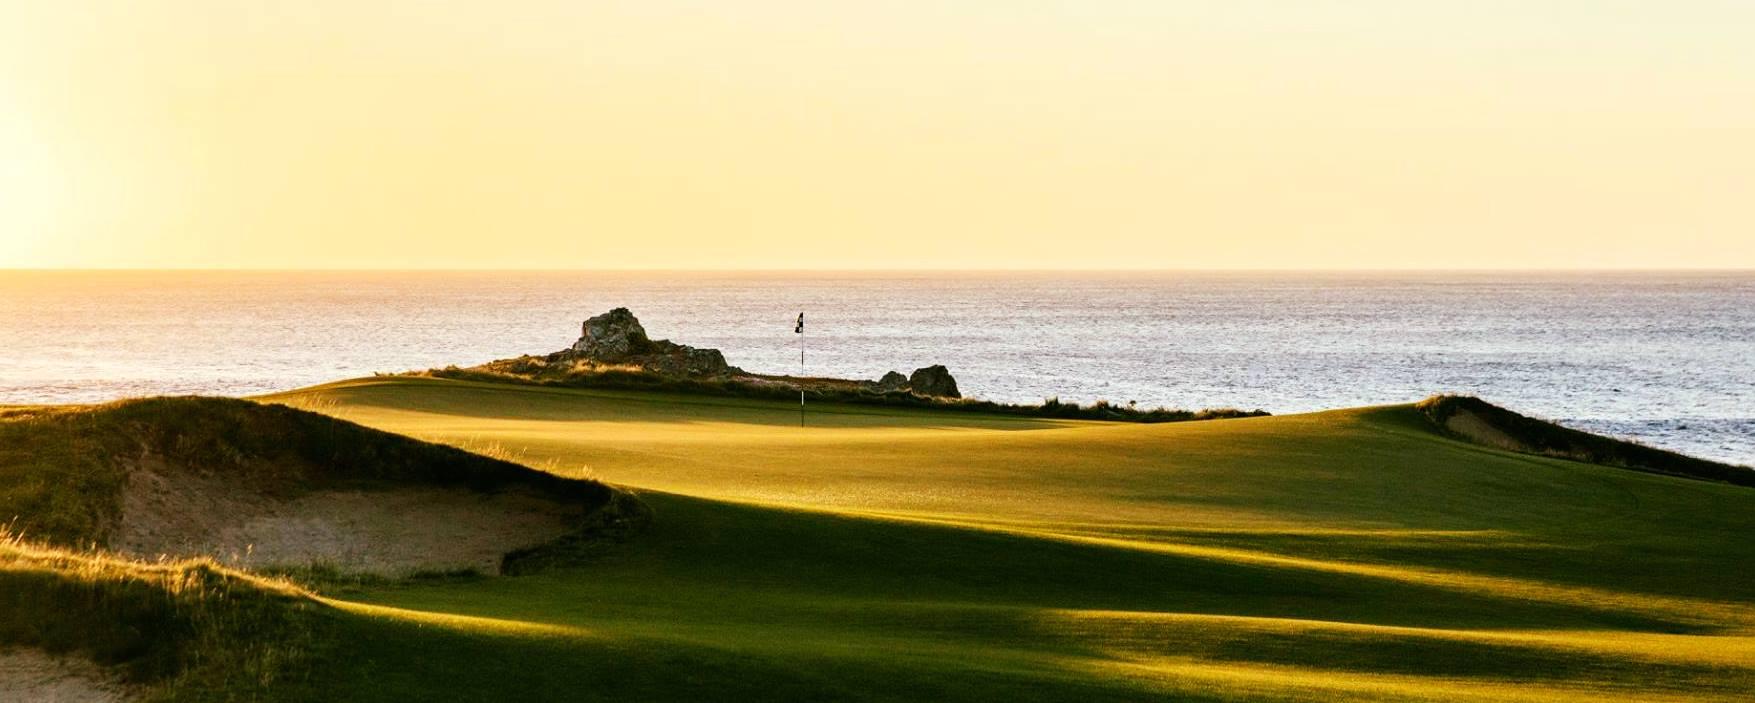 Ocean dunes golf hole framed by the sea